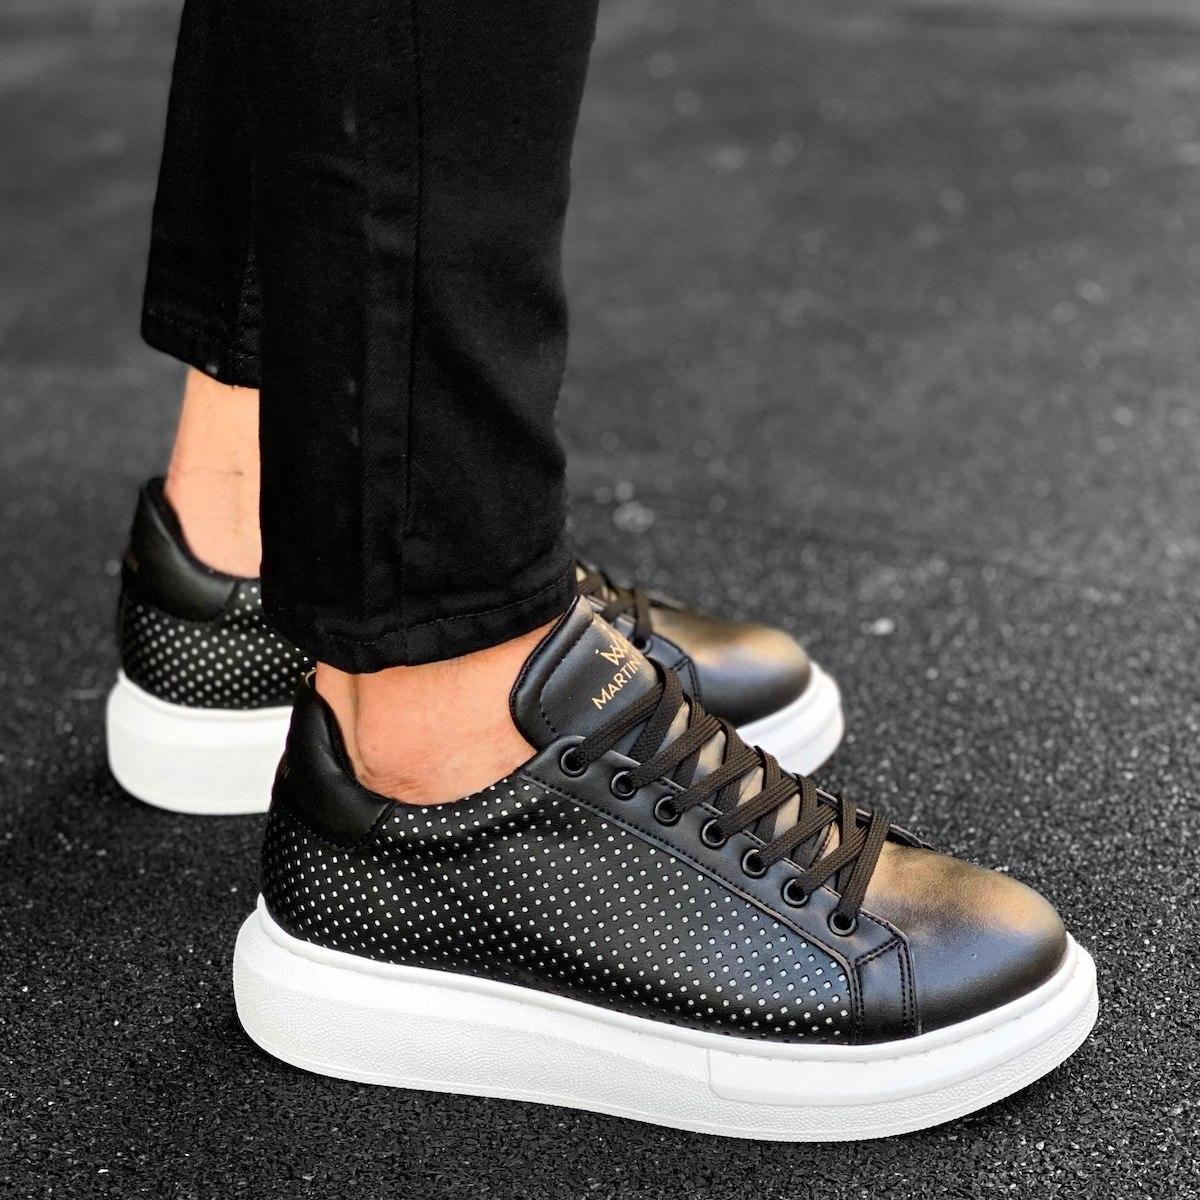 Mega Side-Mesh Sneakers in Black-White